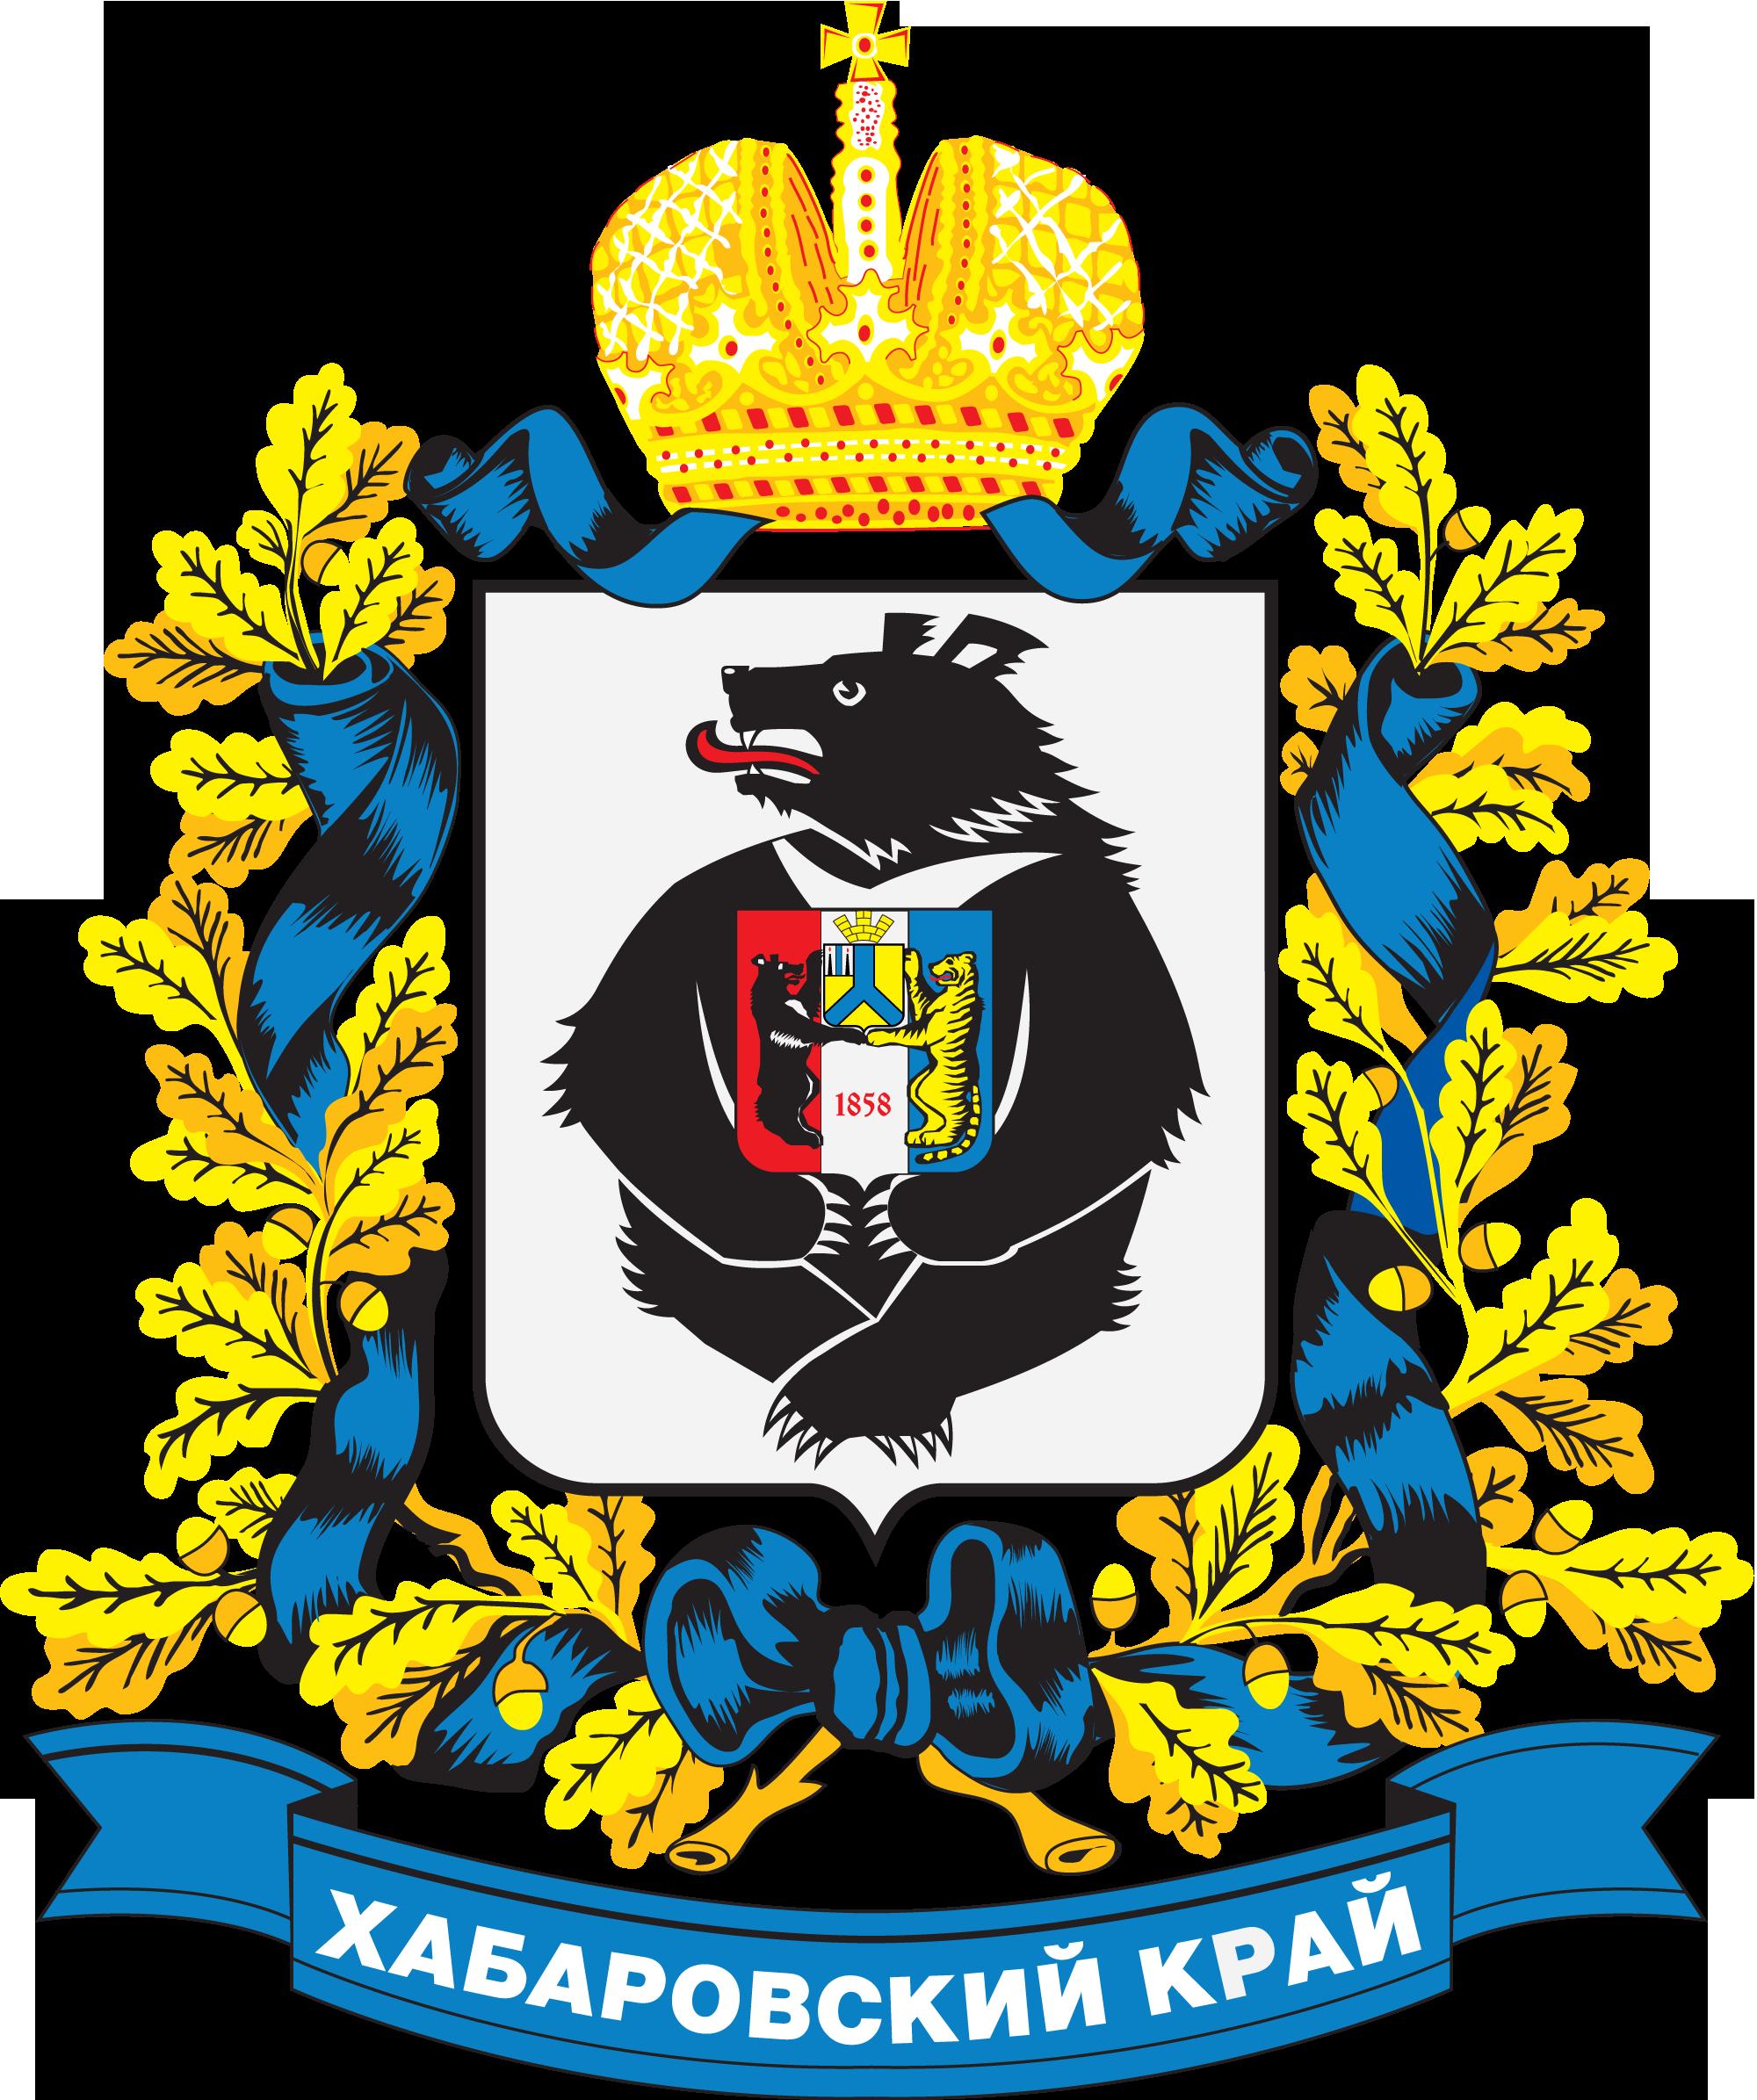 Парадный герб Хабаровского края